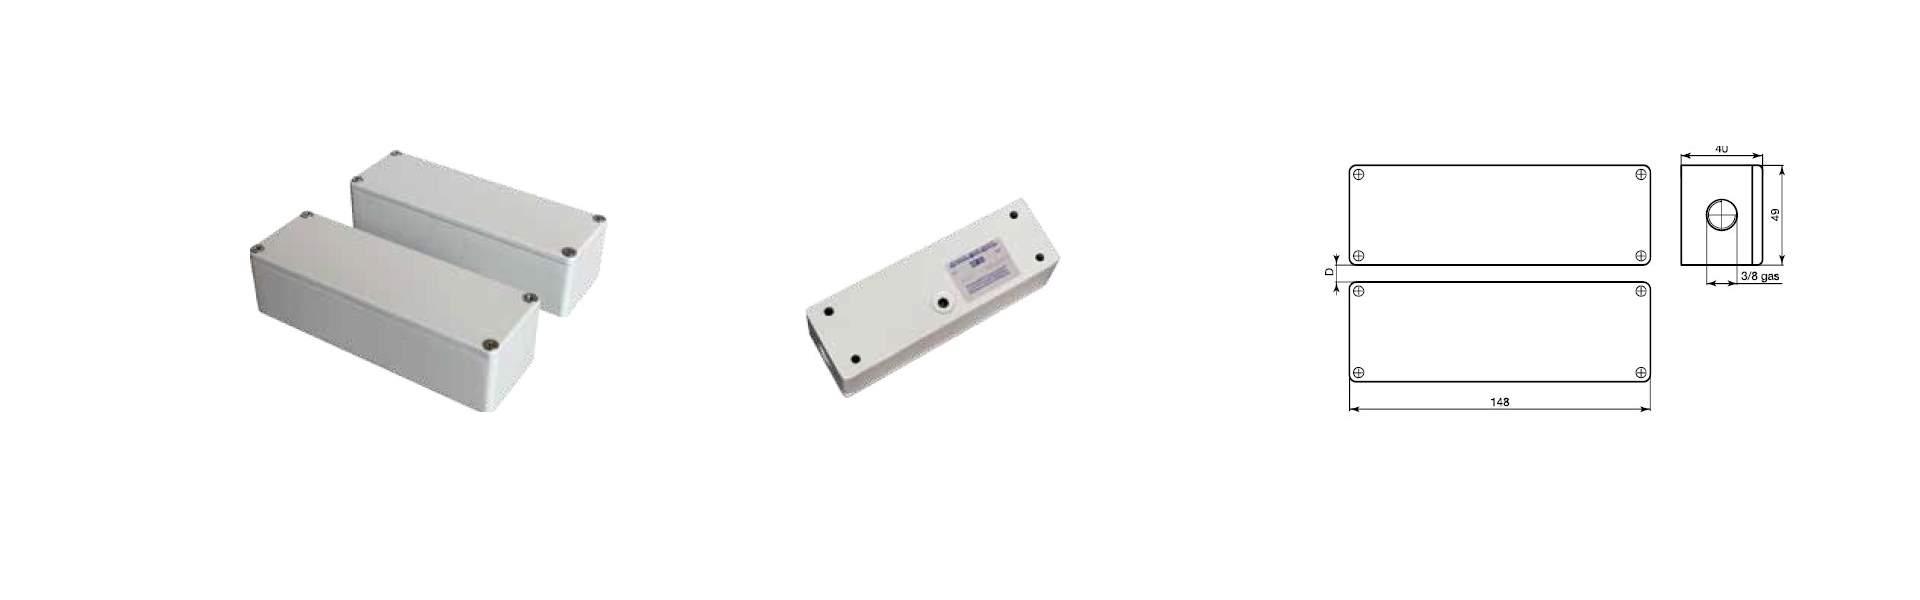 contatti-magnetici-serie-1100-header